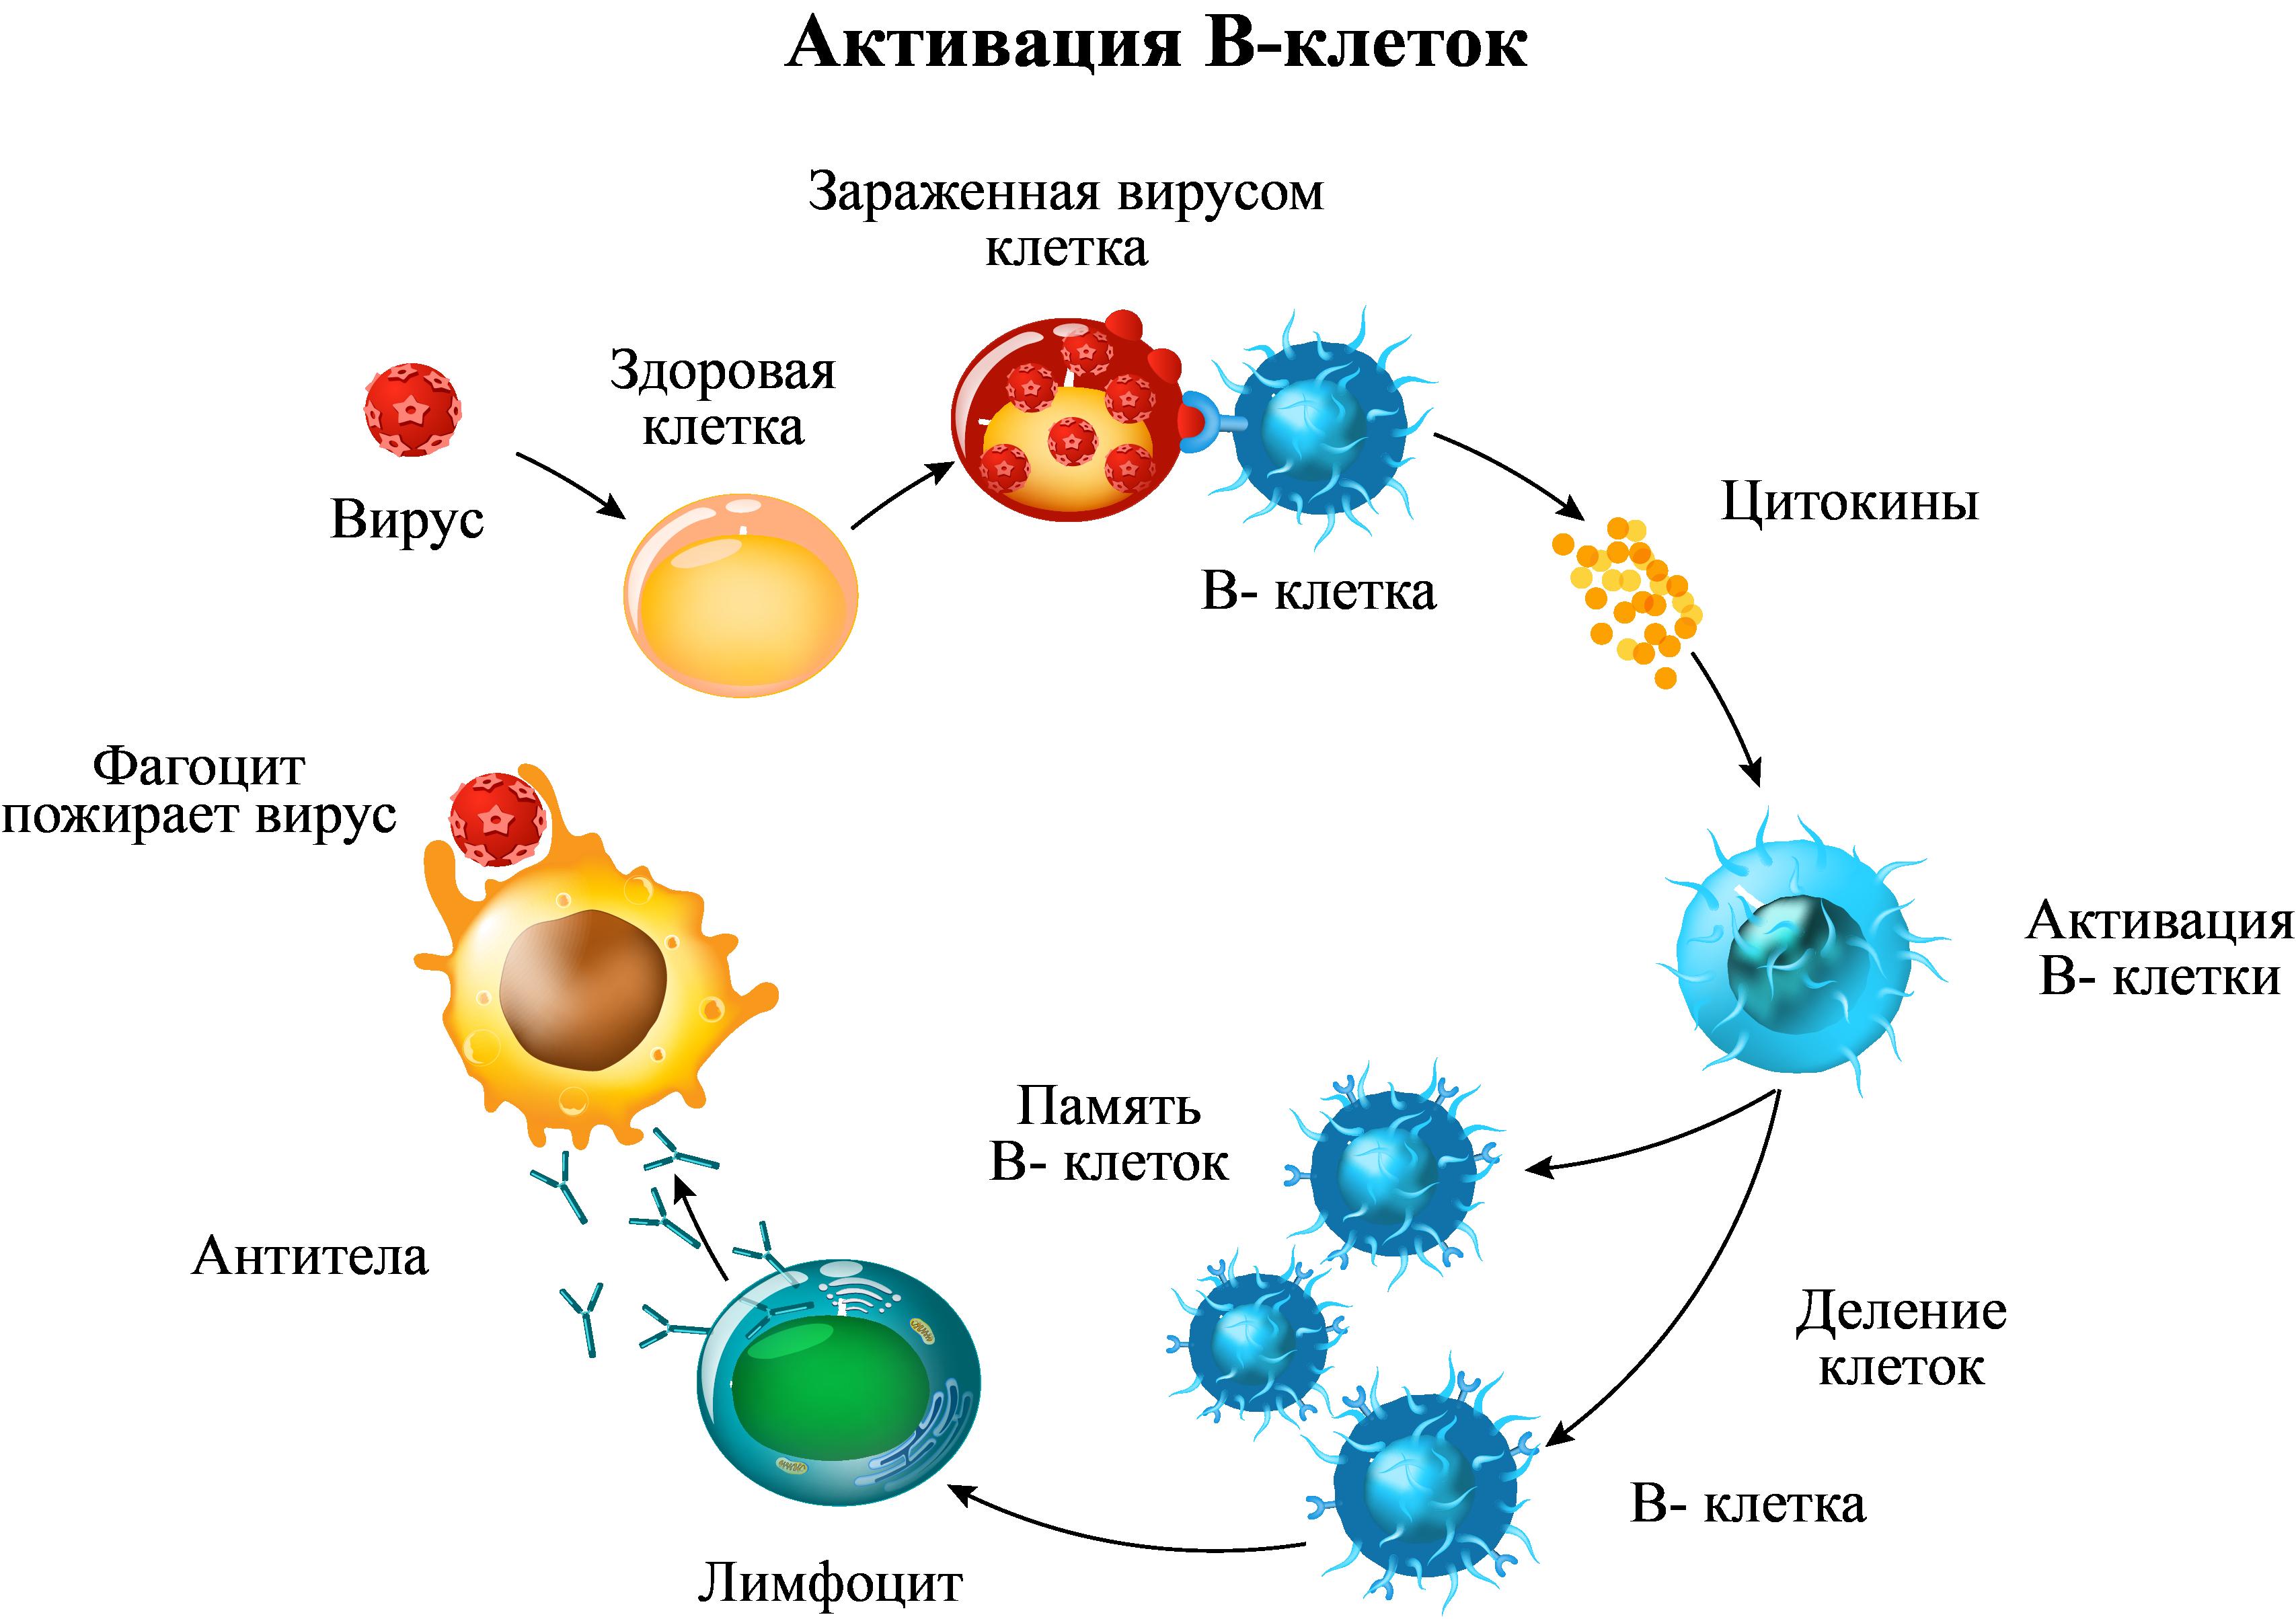 Активация В-клеток